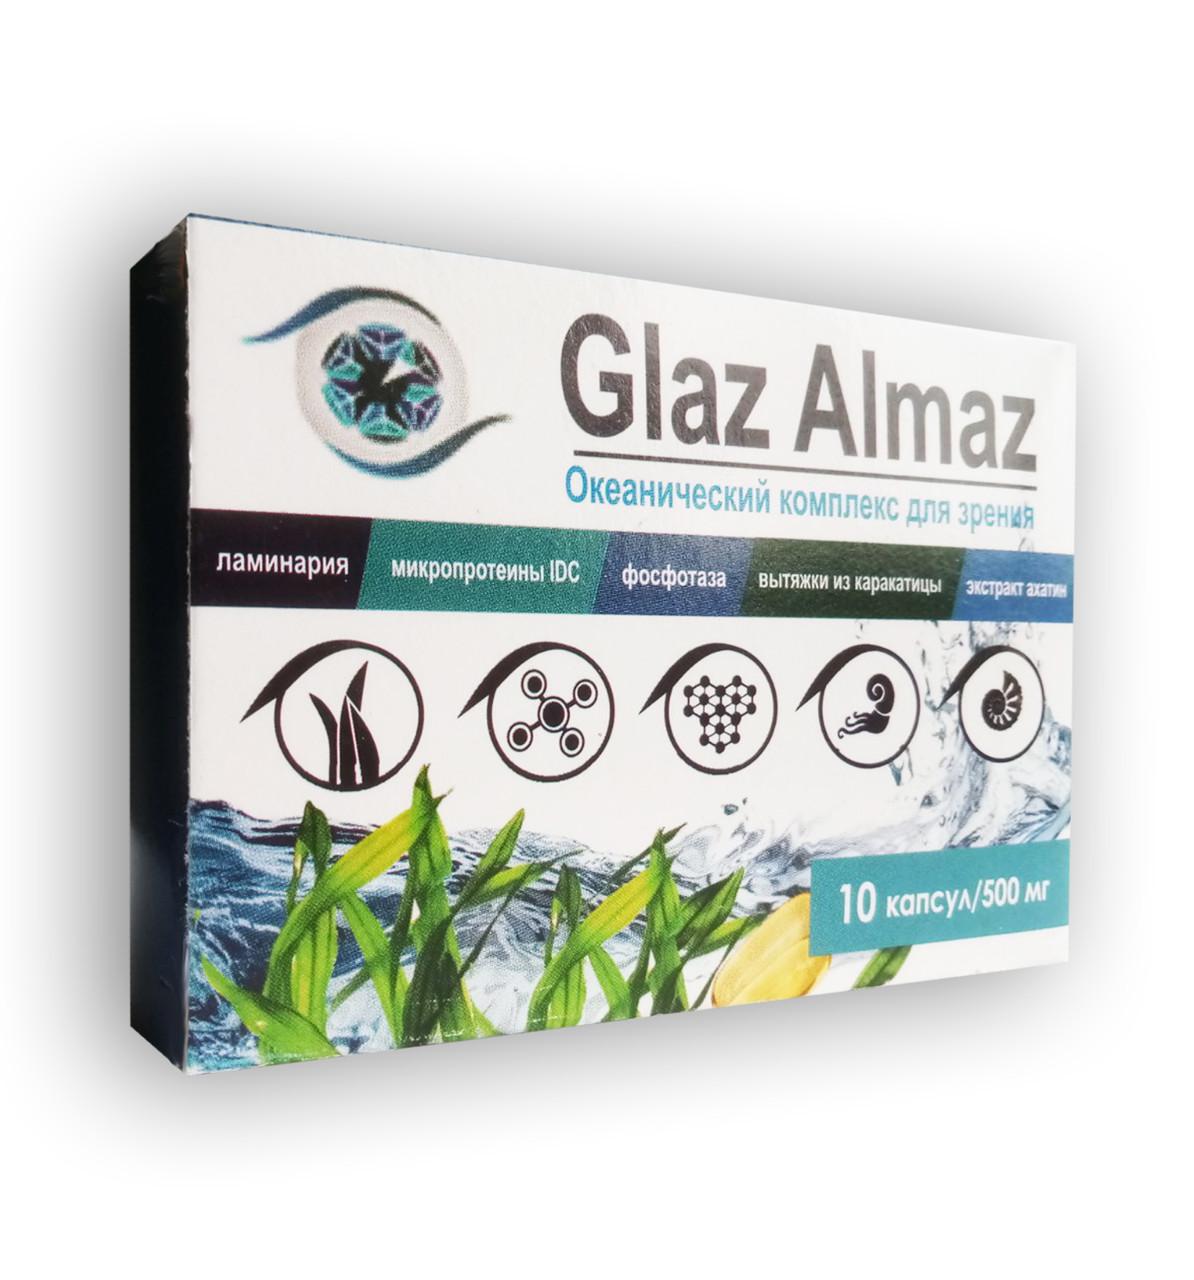 Капсули для зору Glaz Almaz (Очей Алмаз) 10 шт